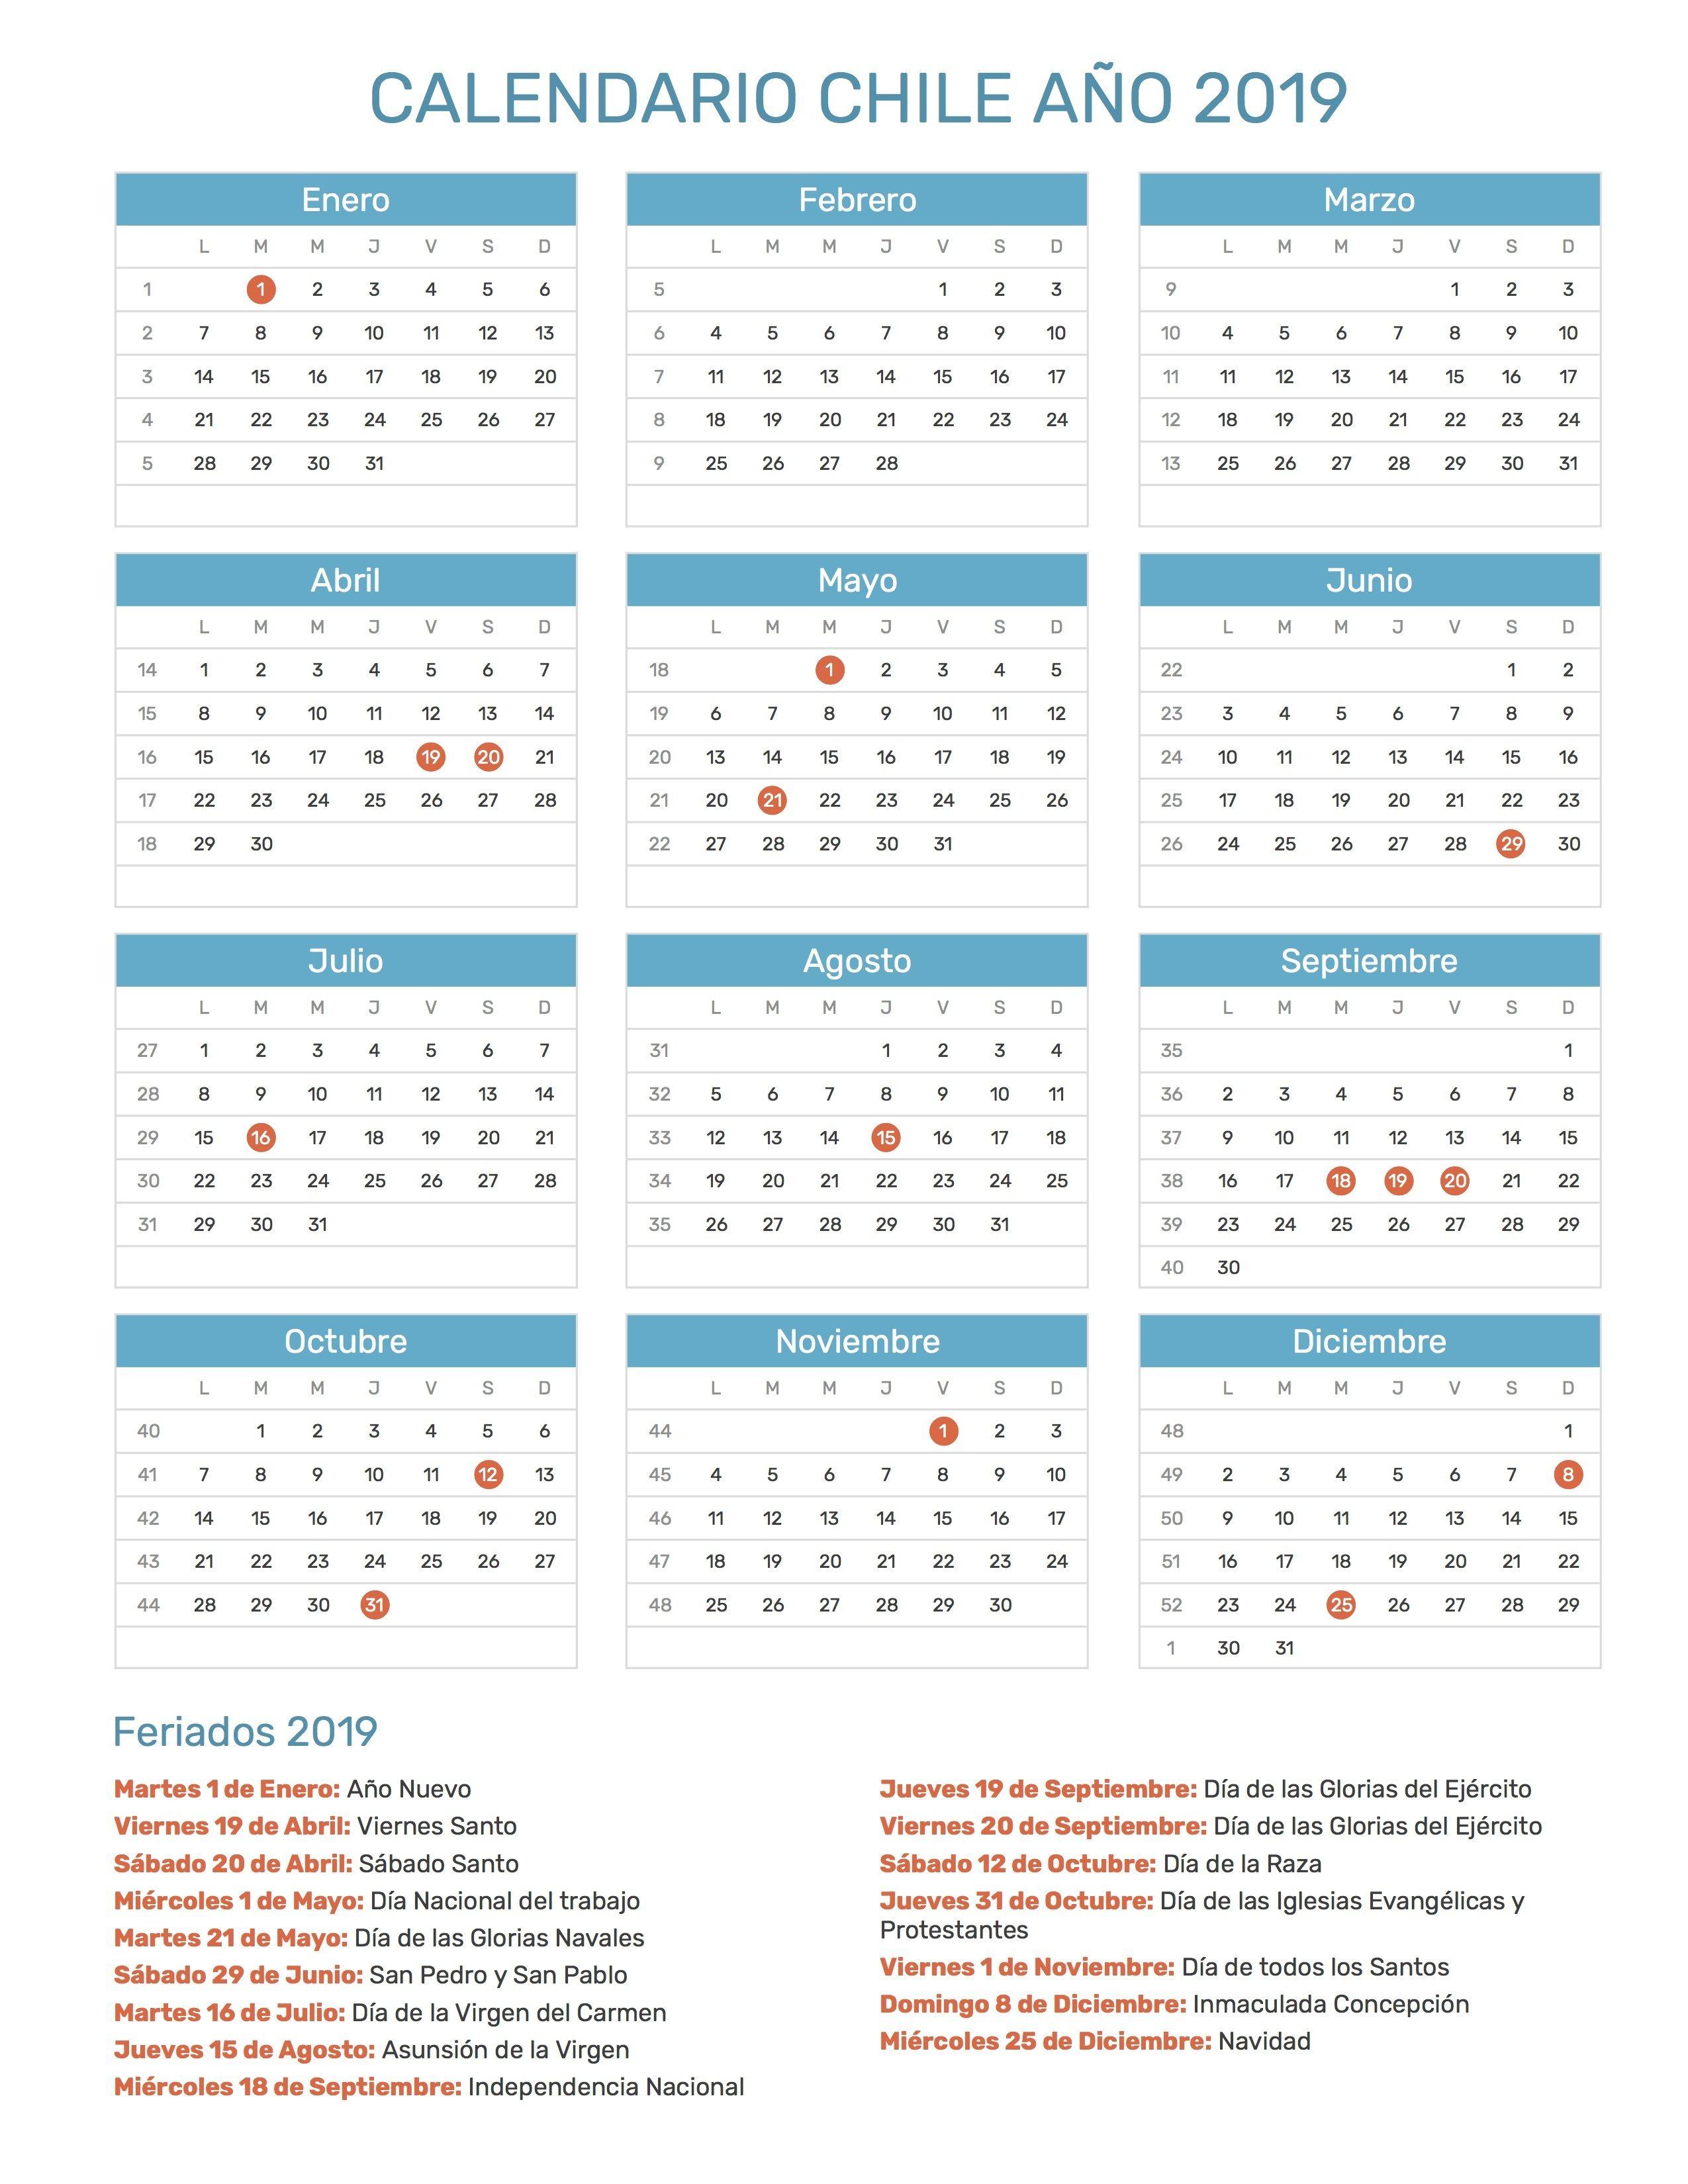 Calendario Con Semanas 2019 Chile.Calendario 2019 Chile Calendario 2019 Chile Calendar